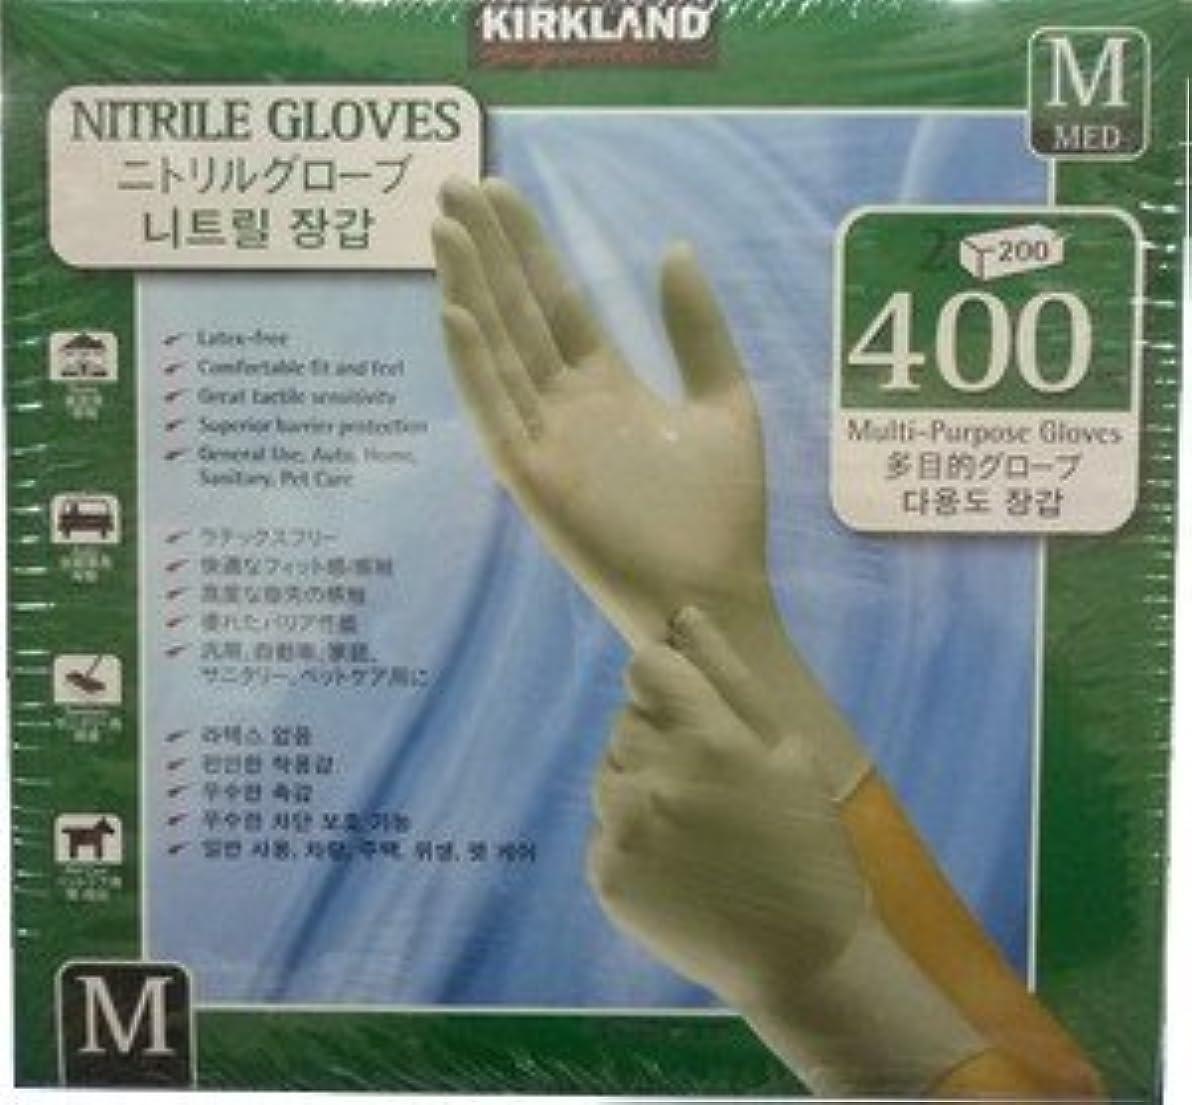 先史時代の撤回する有効化KIRKLAND カークランド ニトリルグローブ 手袋 Mサイズ 200枚×2箱